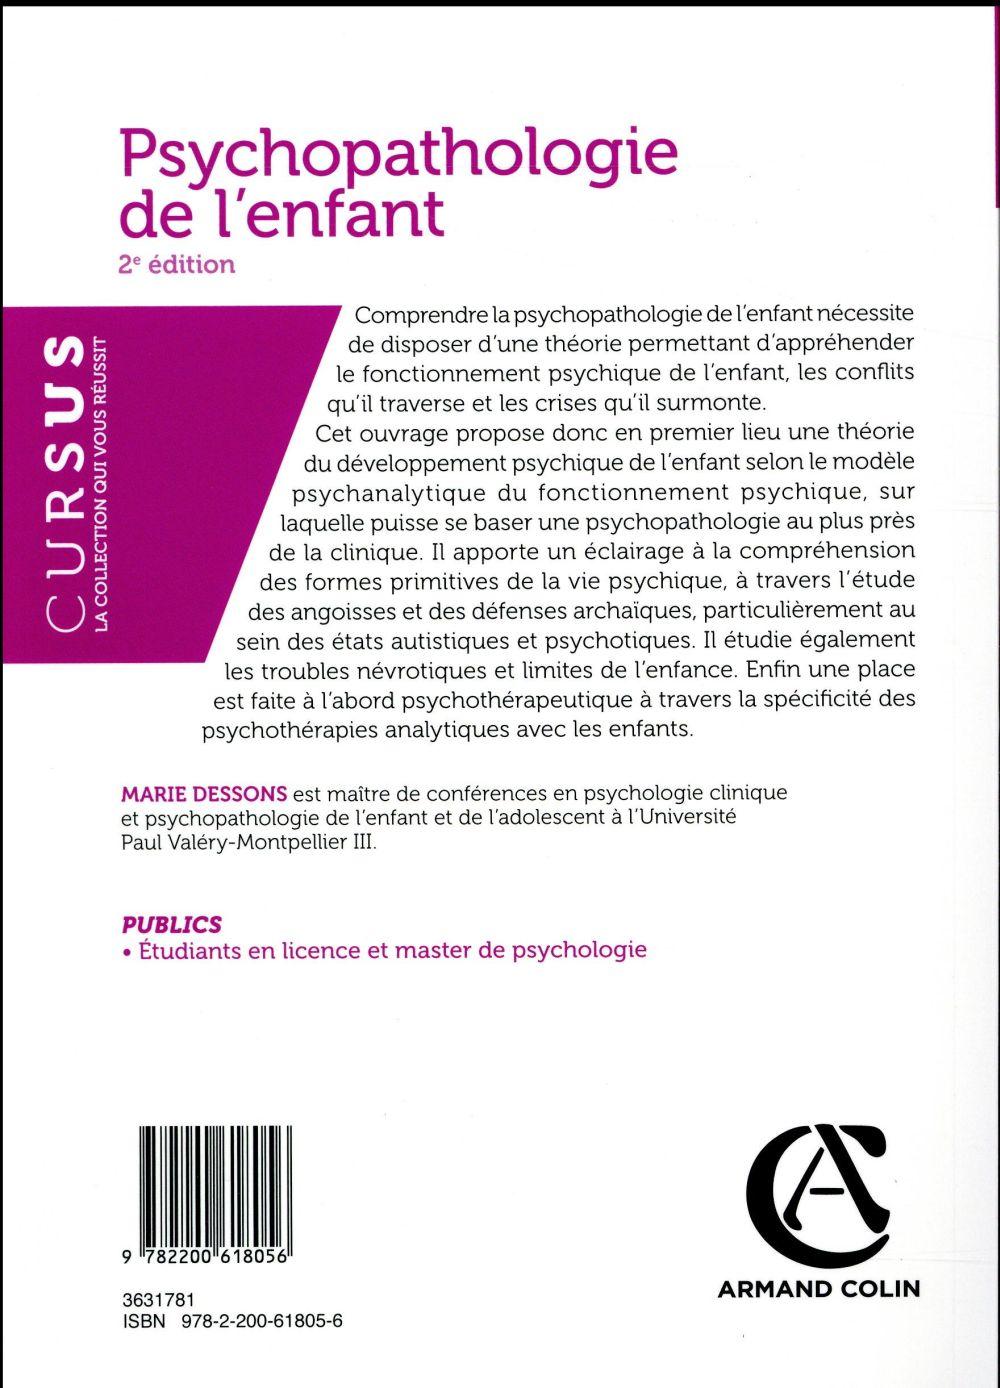 Psychopathologie De L Enfant 2e Edition Marie Dessons Armand Colin Grand Format Le Hall Du Livre Nancy